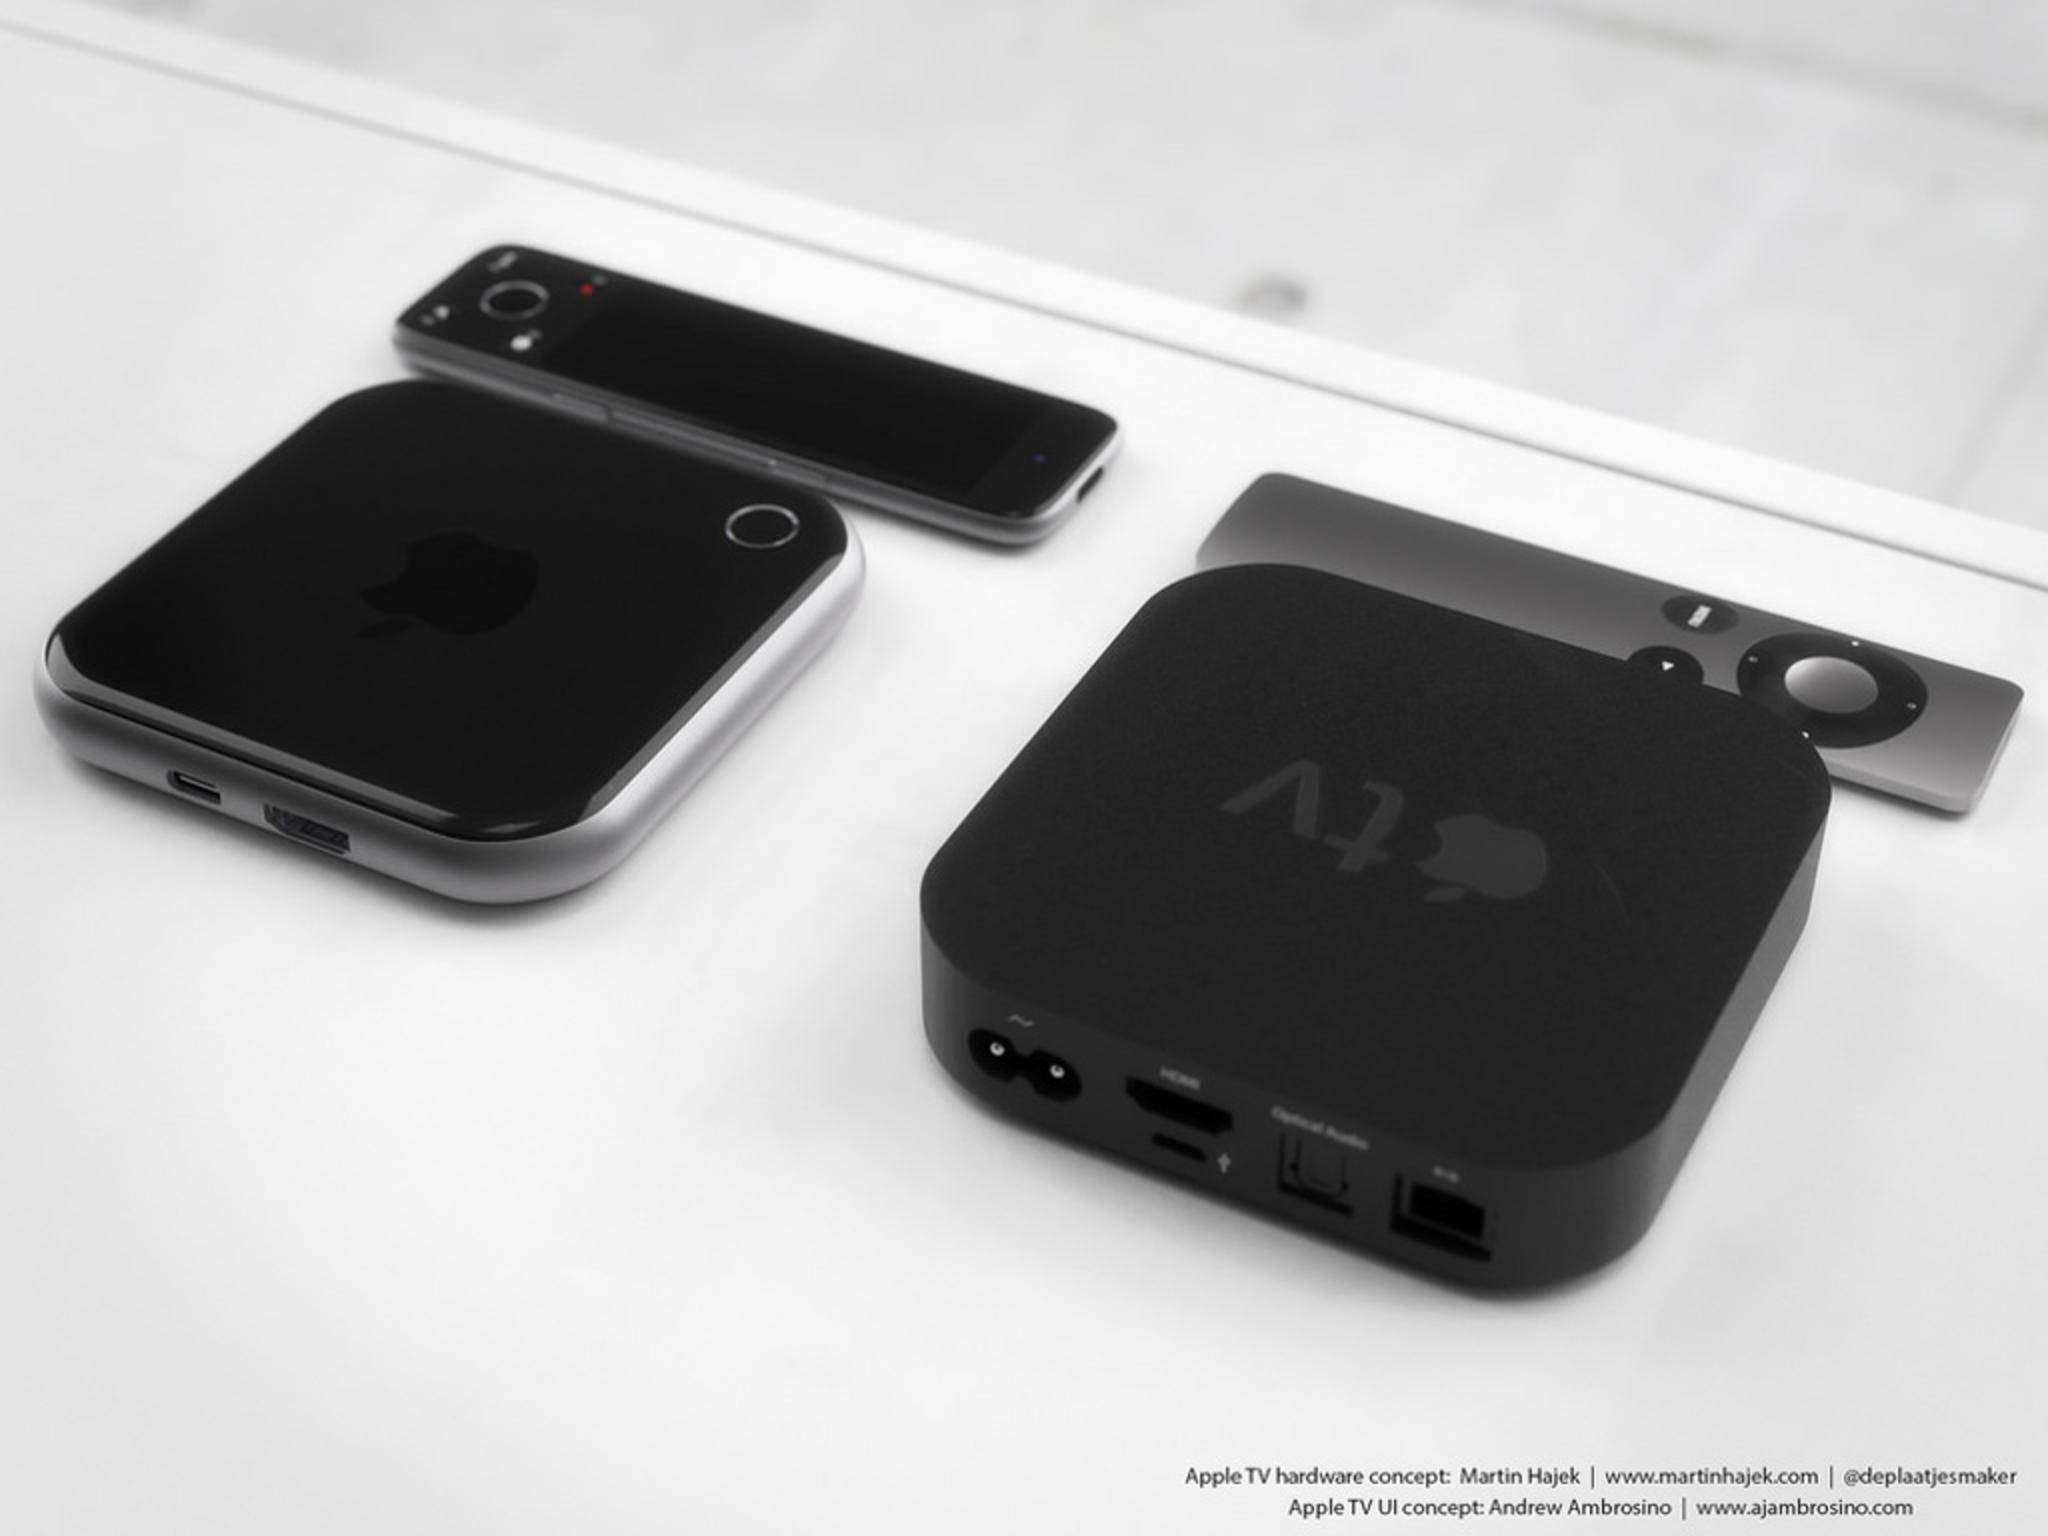 Vergleich zu Apple TV 3: Kleiner und weniger Anschlüsse.